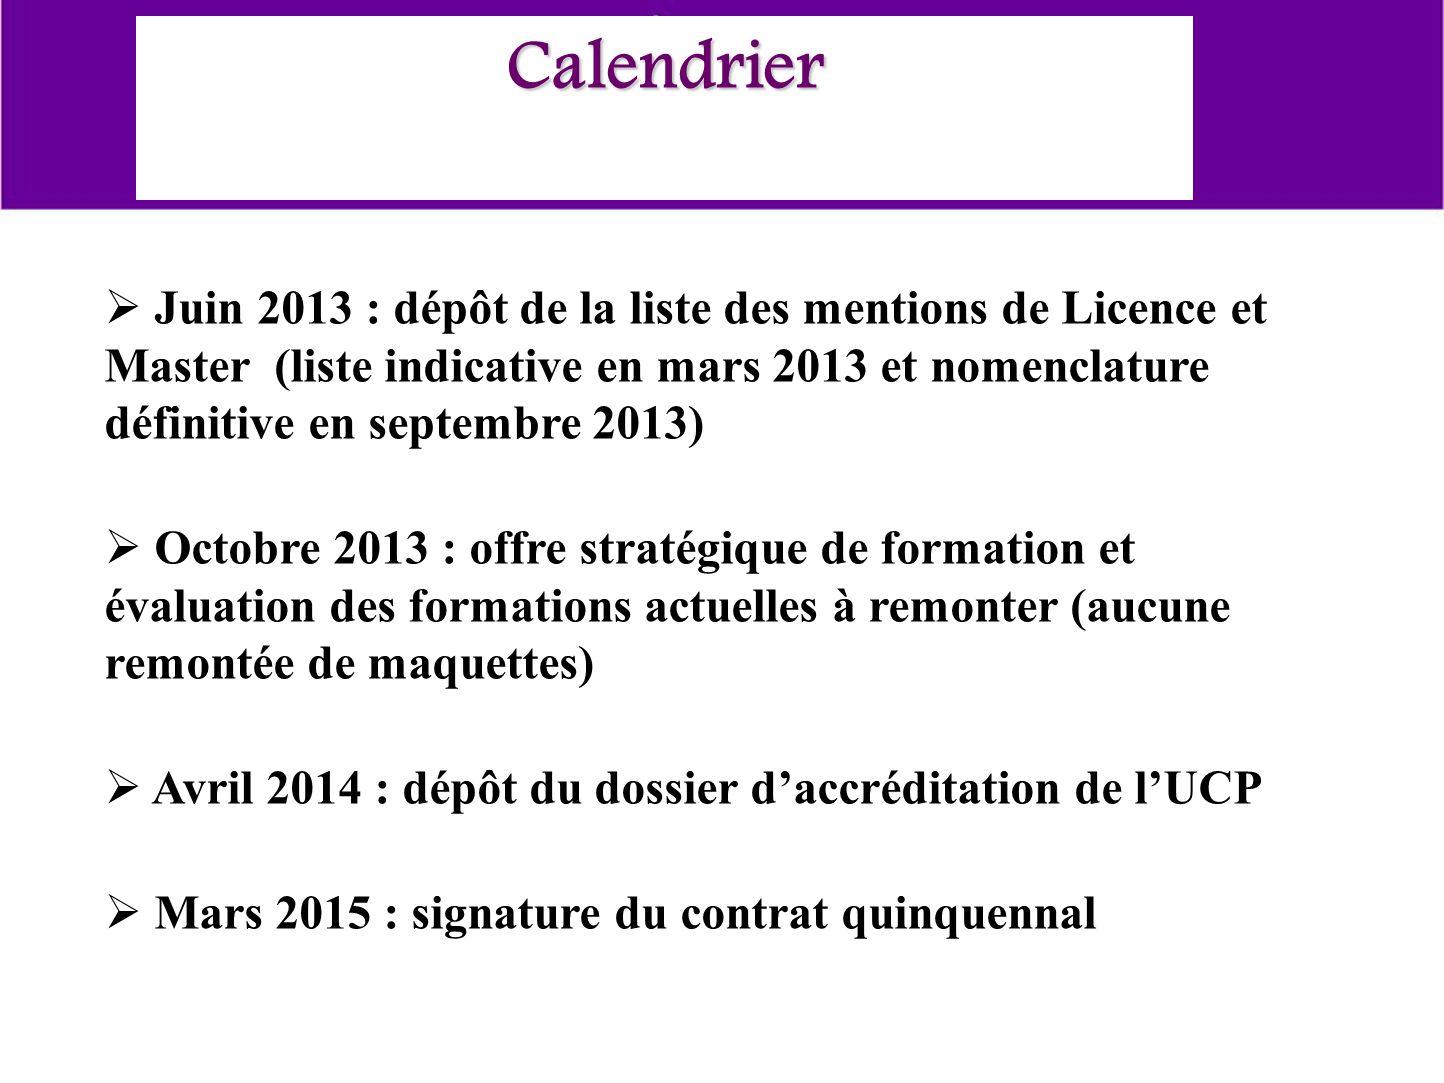 Calendrier Juin 2013 : dépôt de la liste des mentions de Licence et Master (liste indicative en mars 2013 et nomenclature définitive en septembre 2013